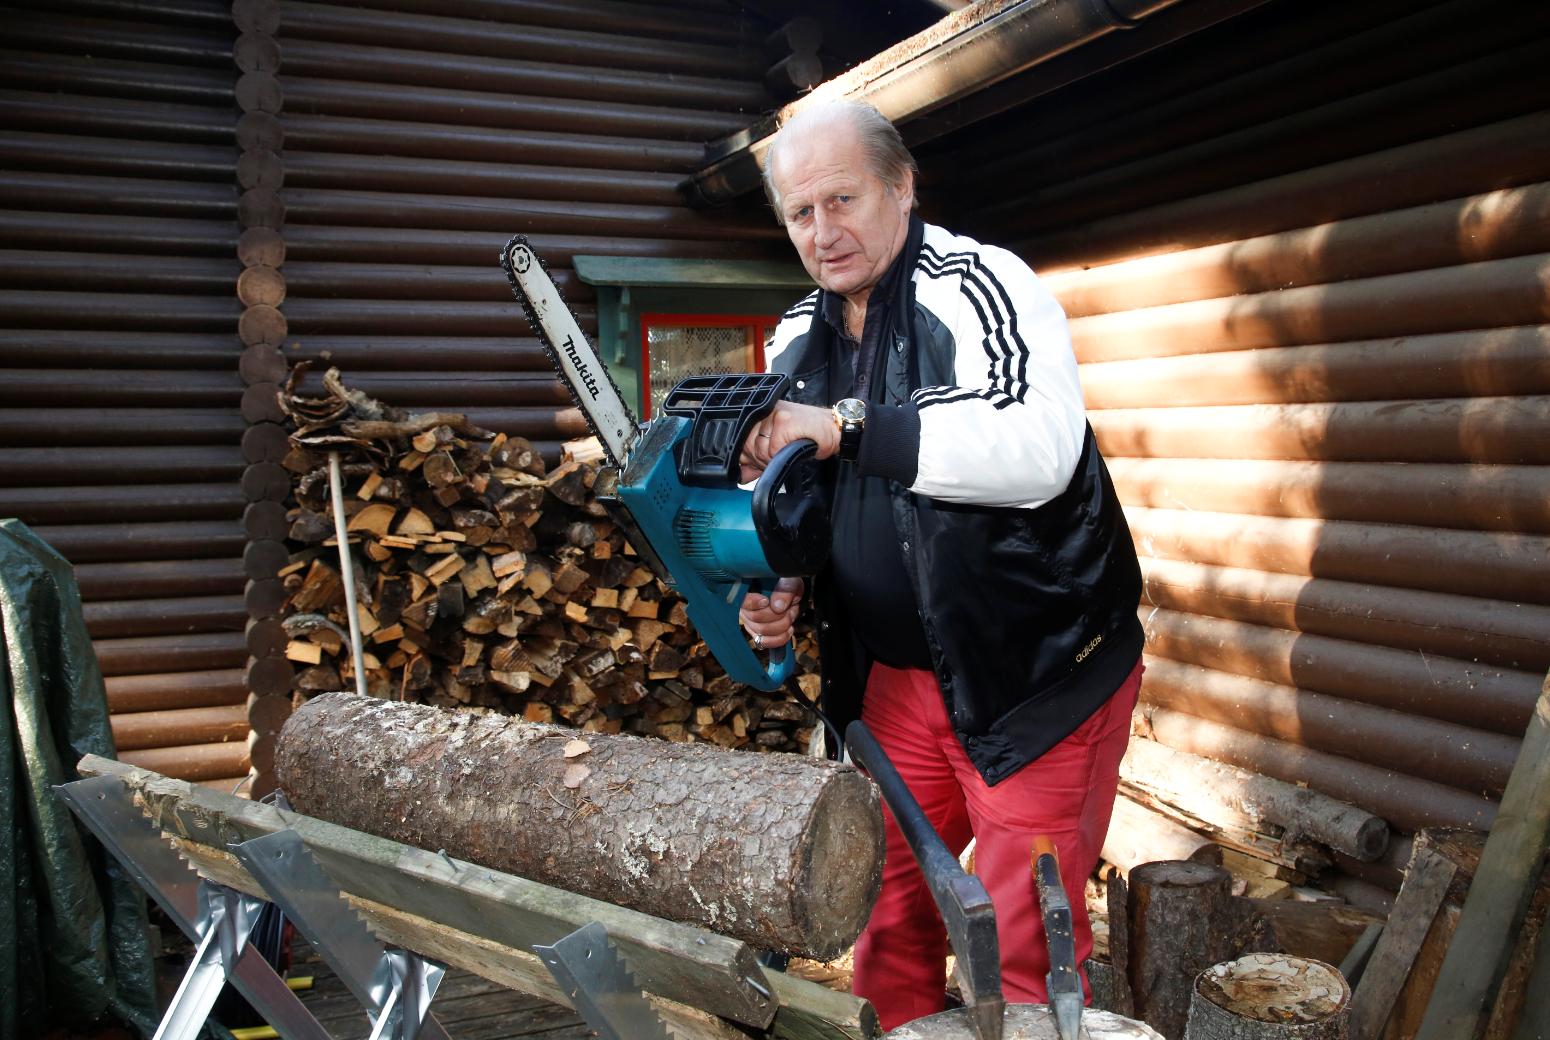 Juhani Tamminen on ollut pahoissa paikoissa. Kuvan moottorisaha ei liity juttuun mitenkään.